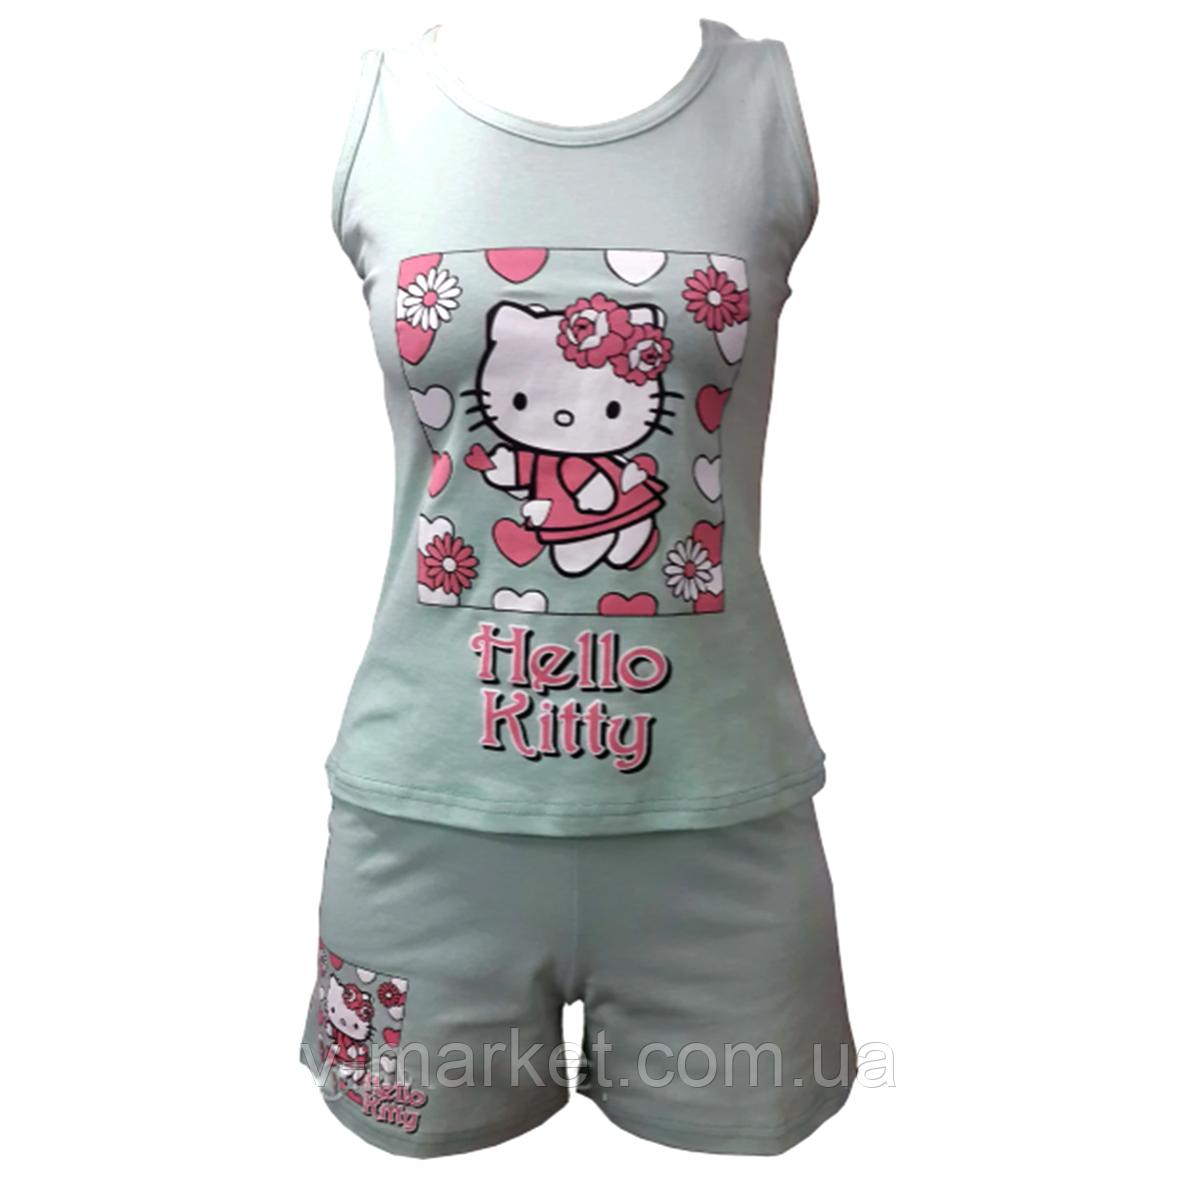 Річна піжама жіноча з шортами Hello Kitty, тканина трикотаж, розмір 42-46